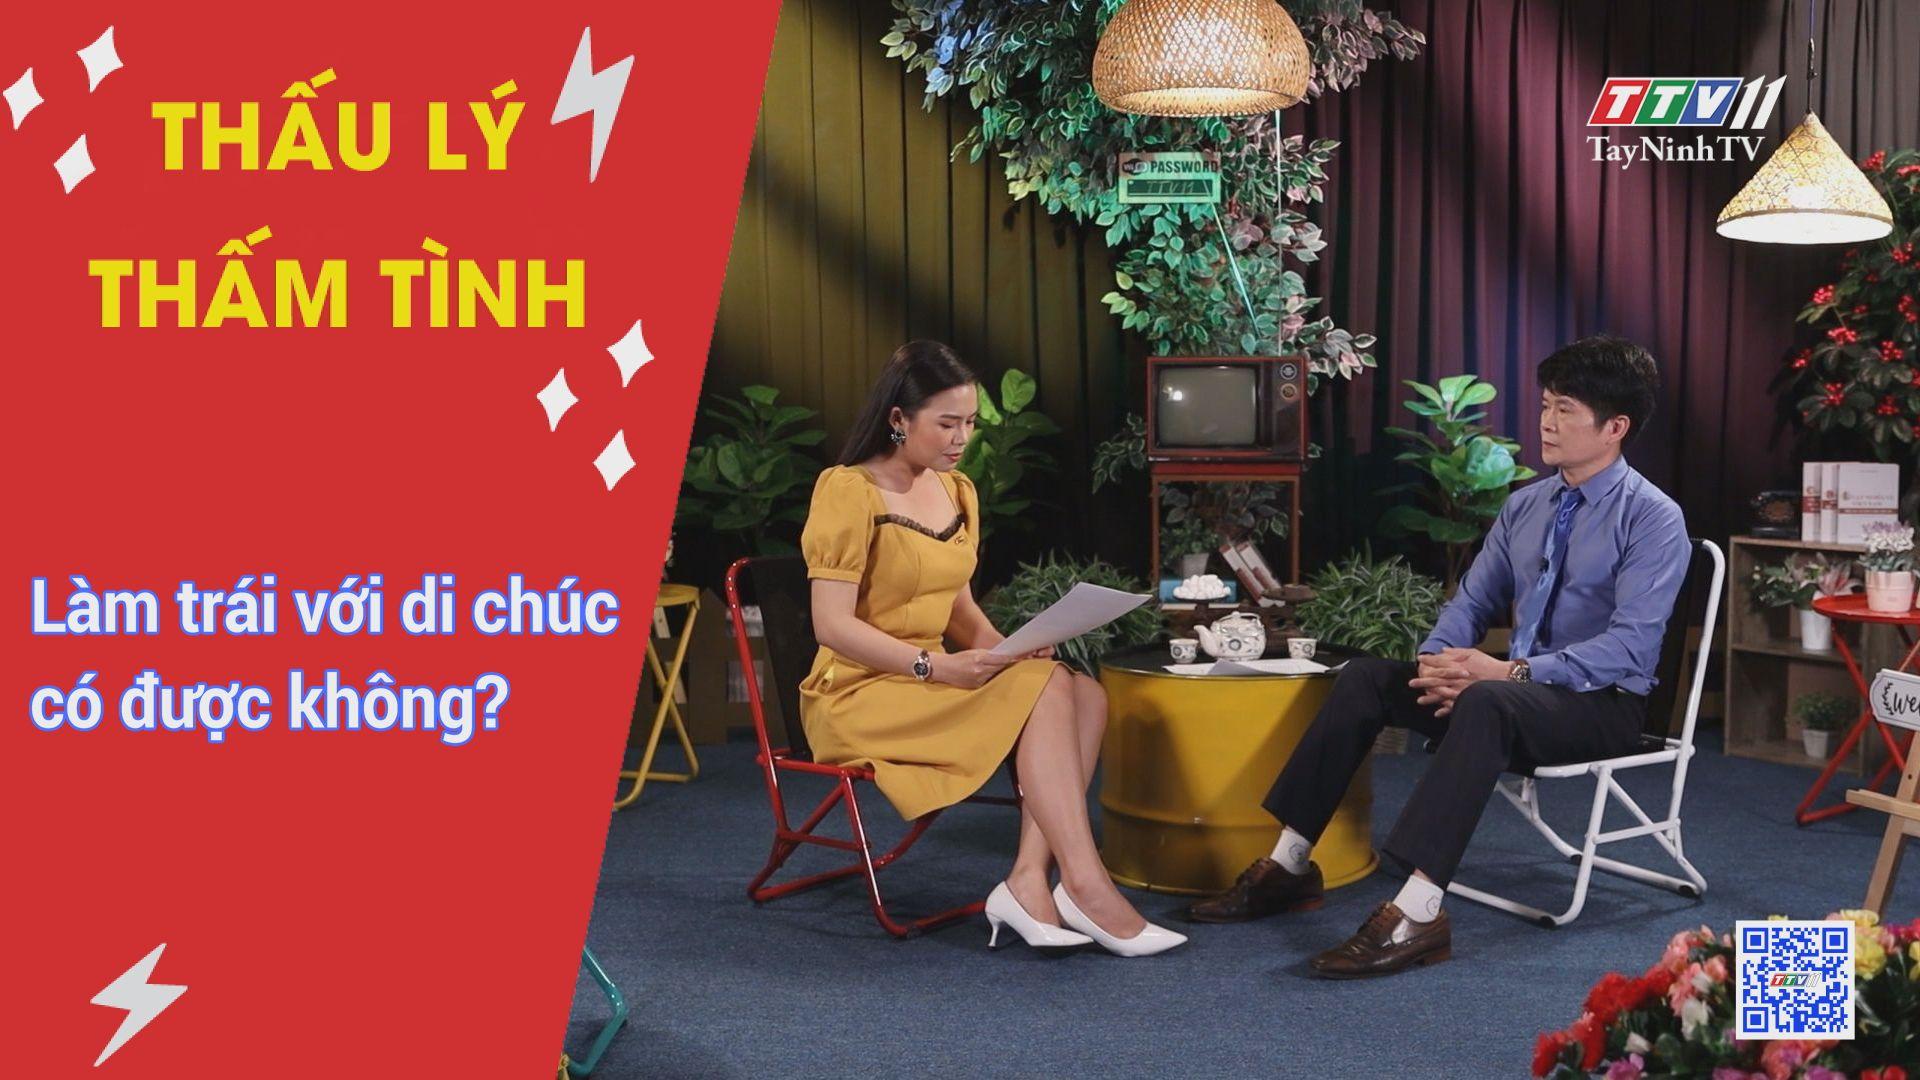 Làm trái với di chúc có được không? | THẤU LÝ THẤM TÌNH | TayNinhTV